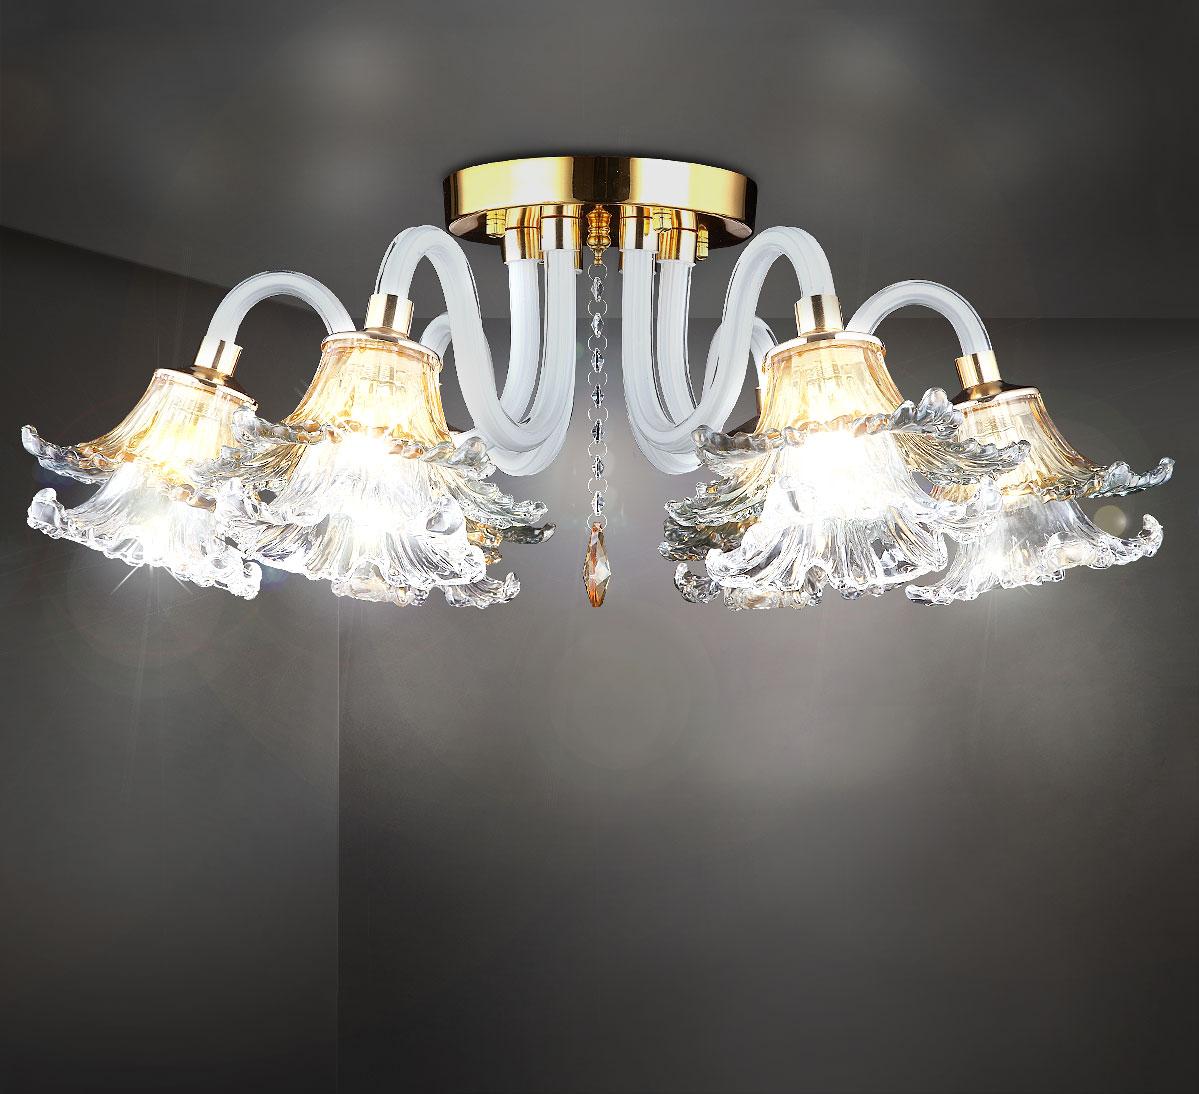 HA426 Samantha, Kronleuchter mit Lampenschirmen Weiß, Gold Ø60 cm